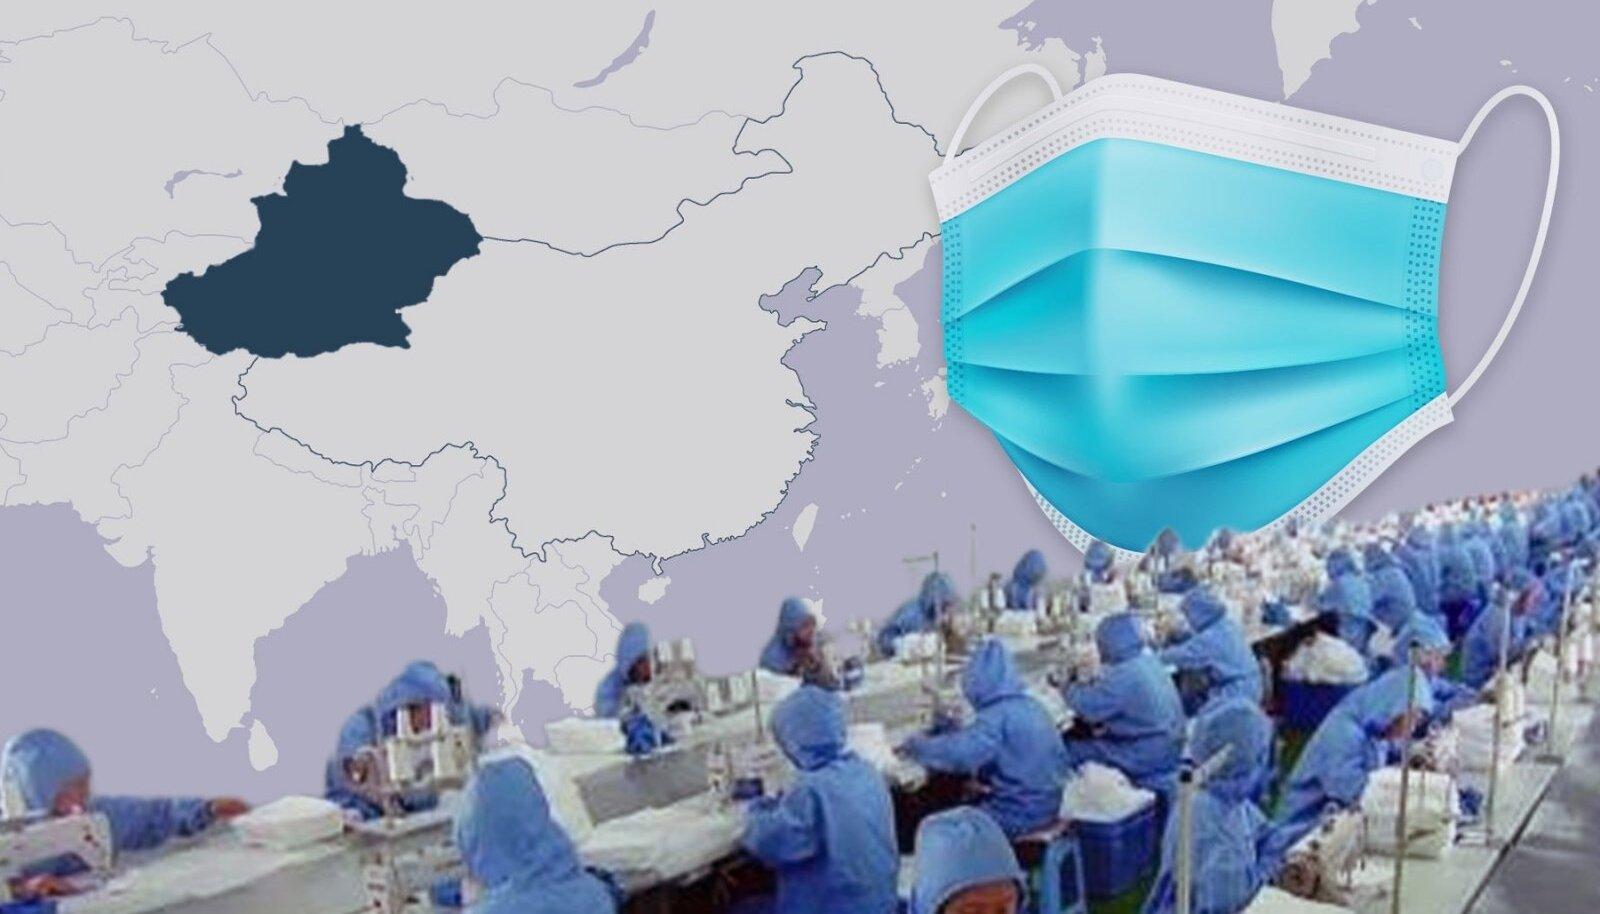 Uiguuride sunnitööga toodetud maske müüakse Eestis rahulikult edasi